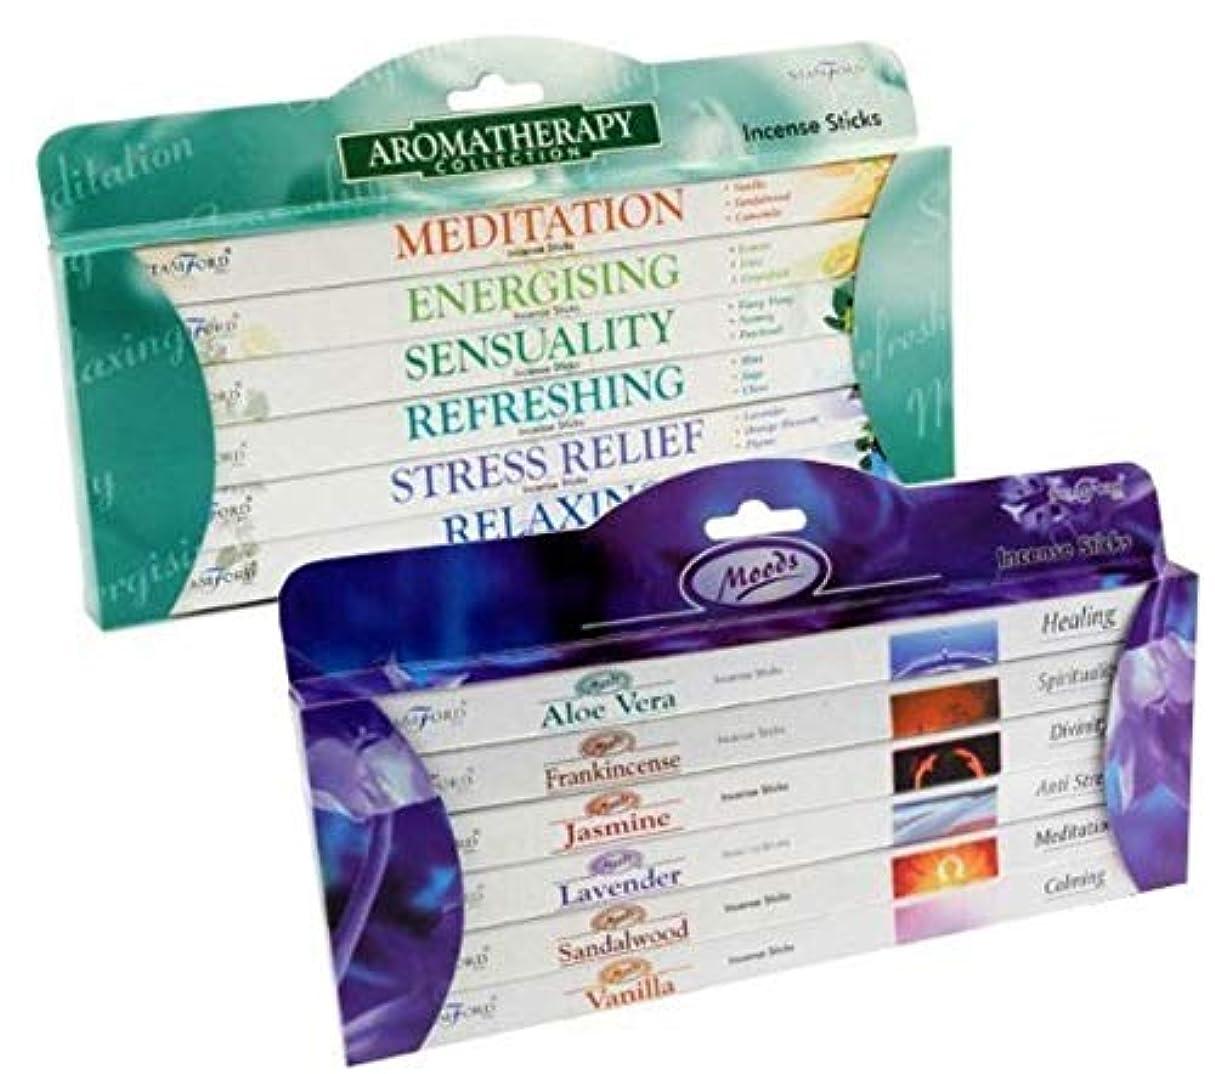 不正直カメコインValue Gift Set of 96 Incense Sticks - Moods and Aromatherapy by Stamford by Stamford and Tulasi